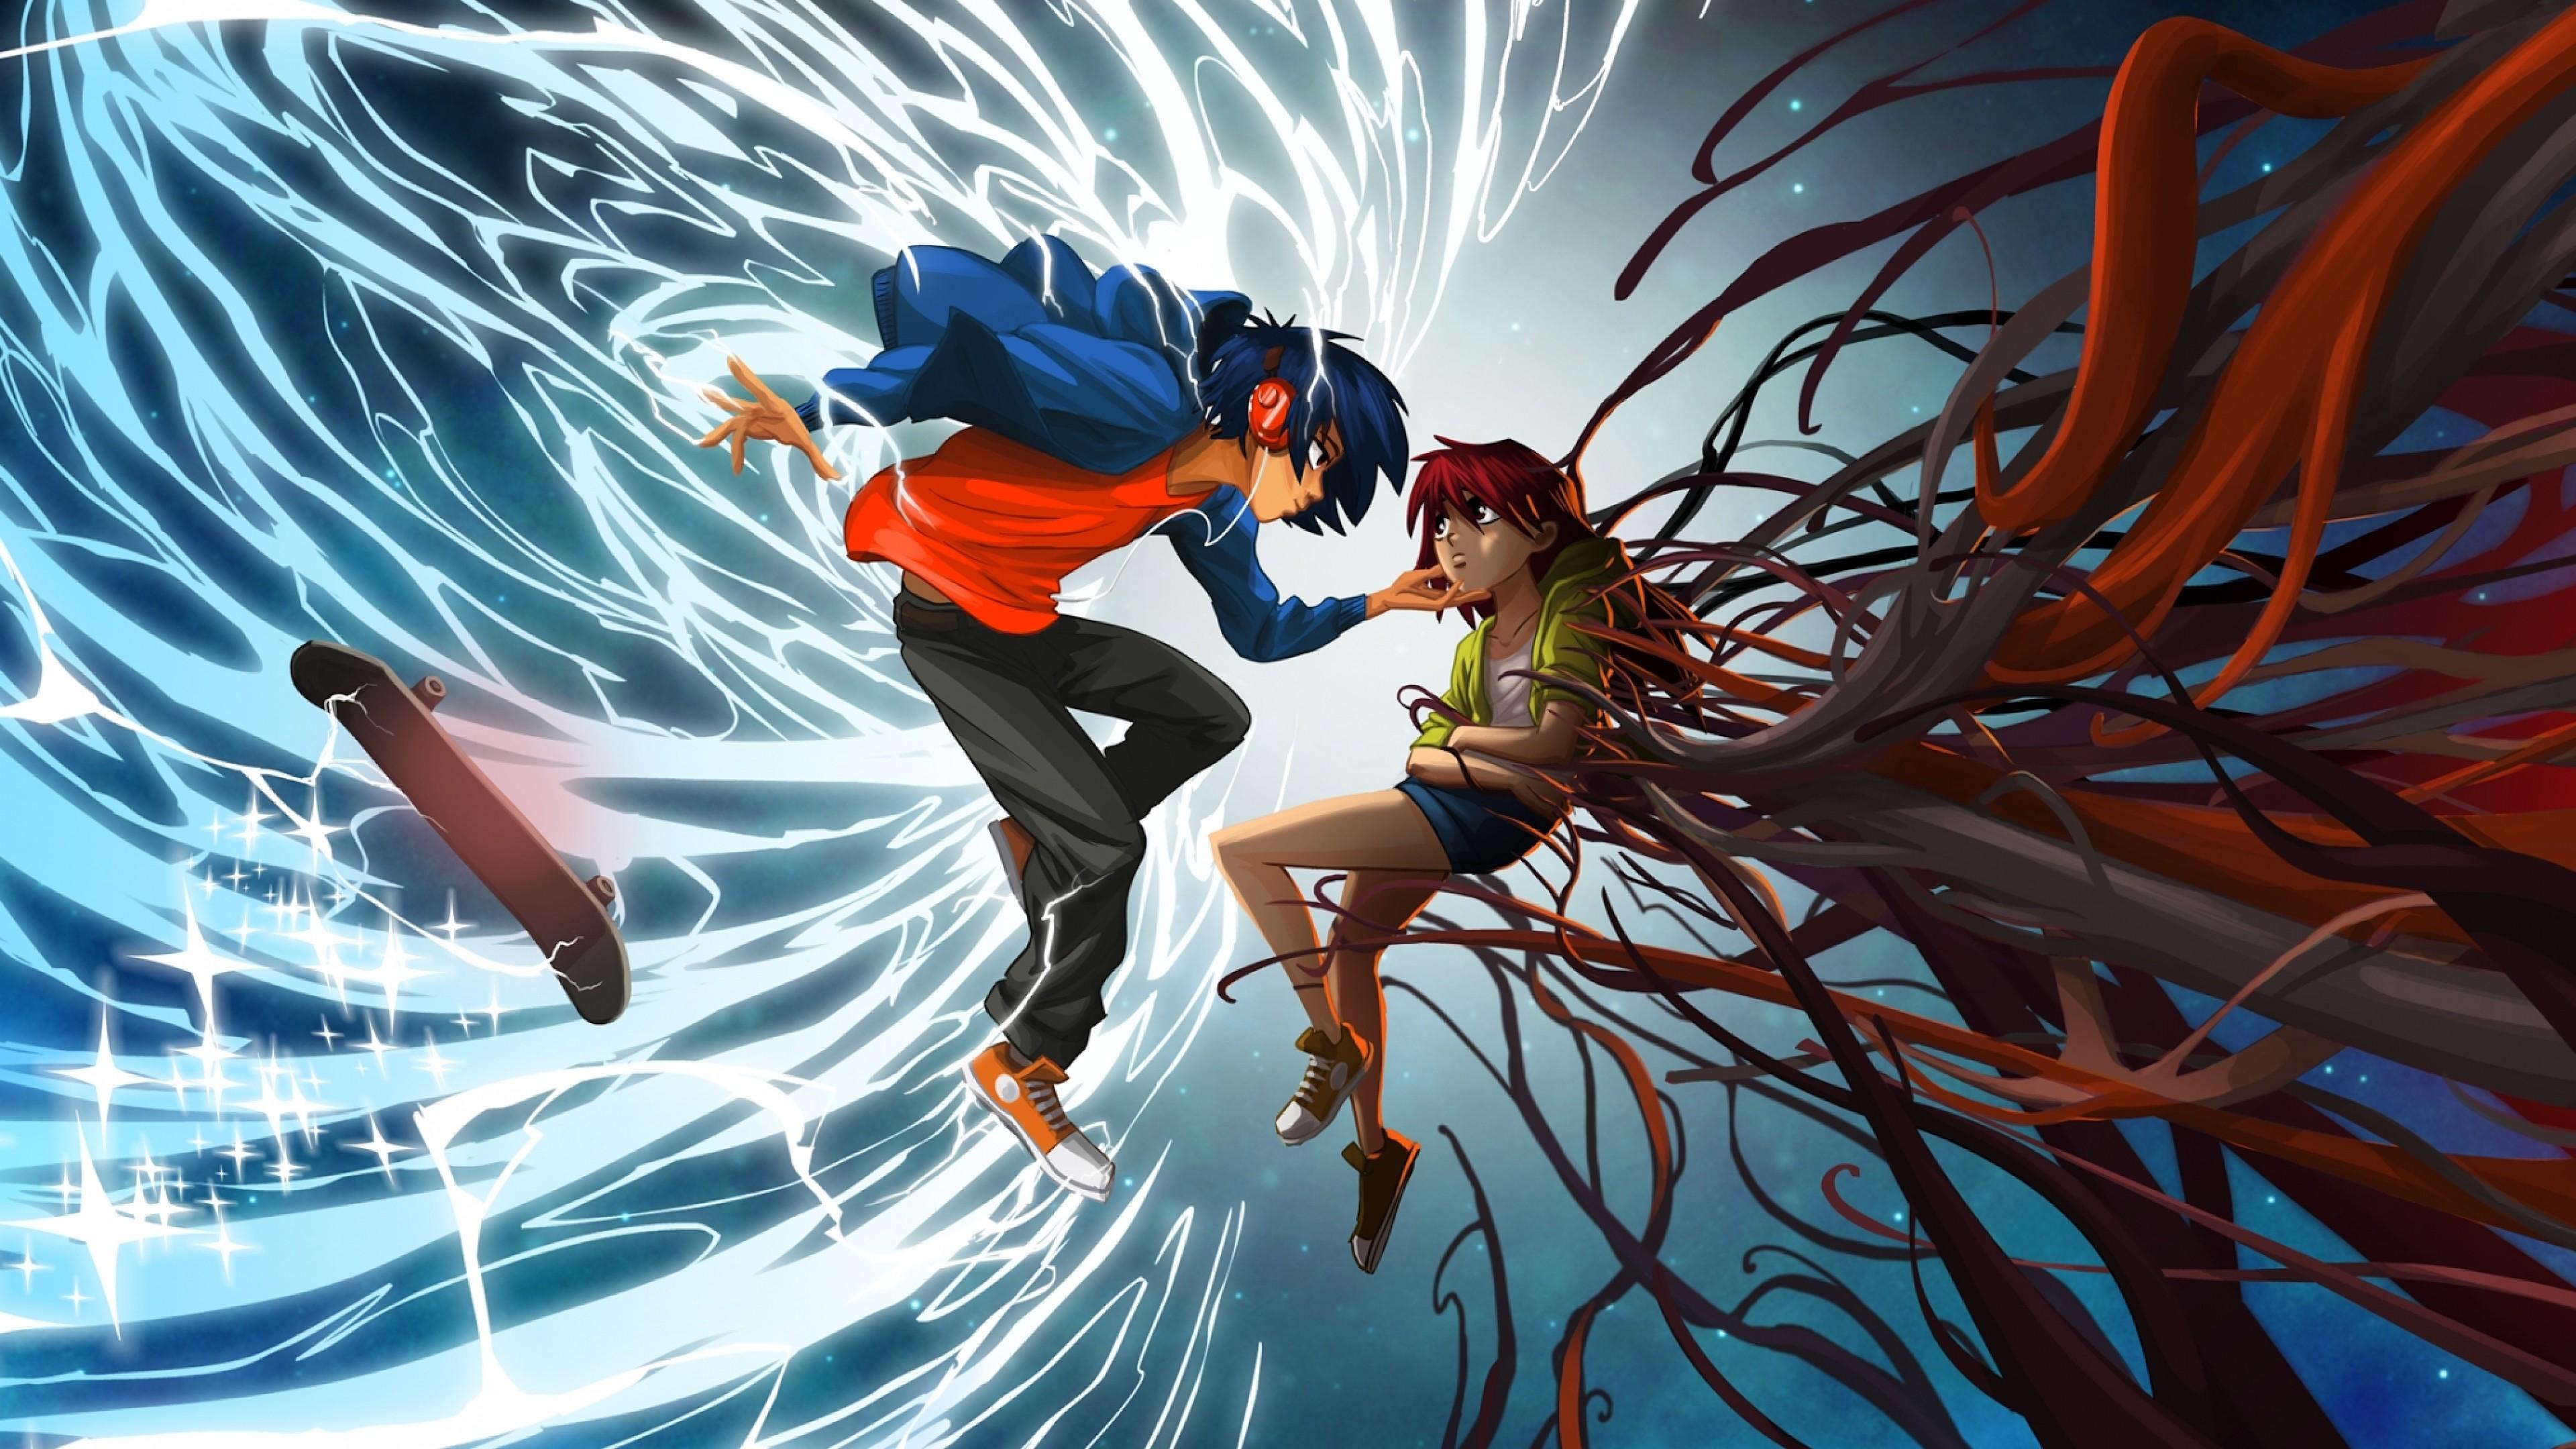 Anime gamer wallpaper 71 images - Anime gamer boy ...